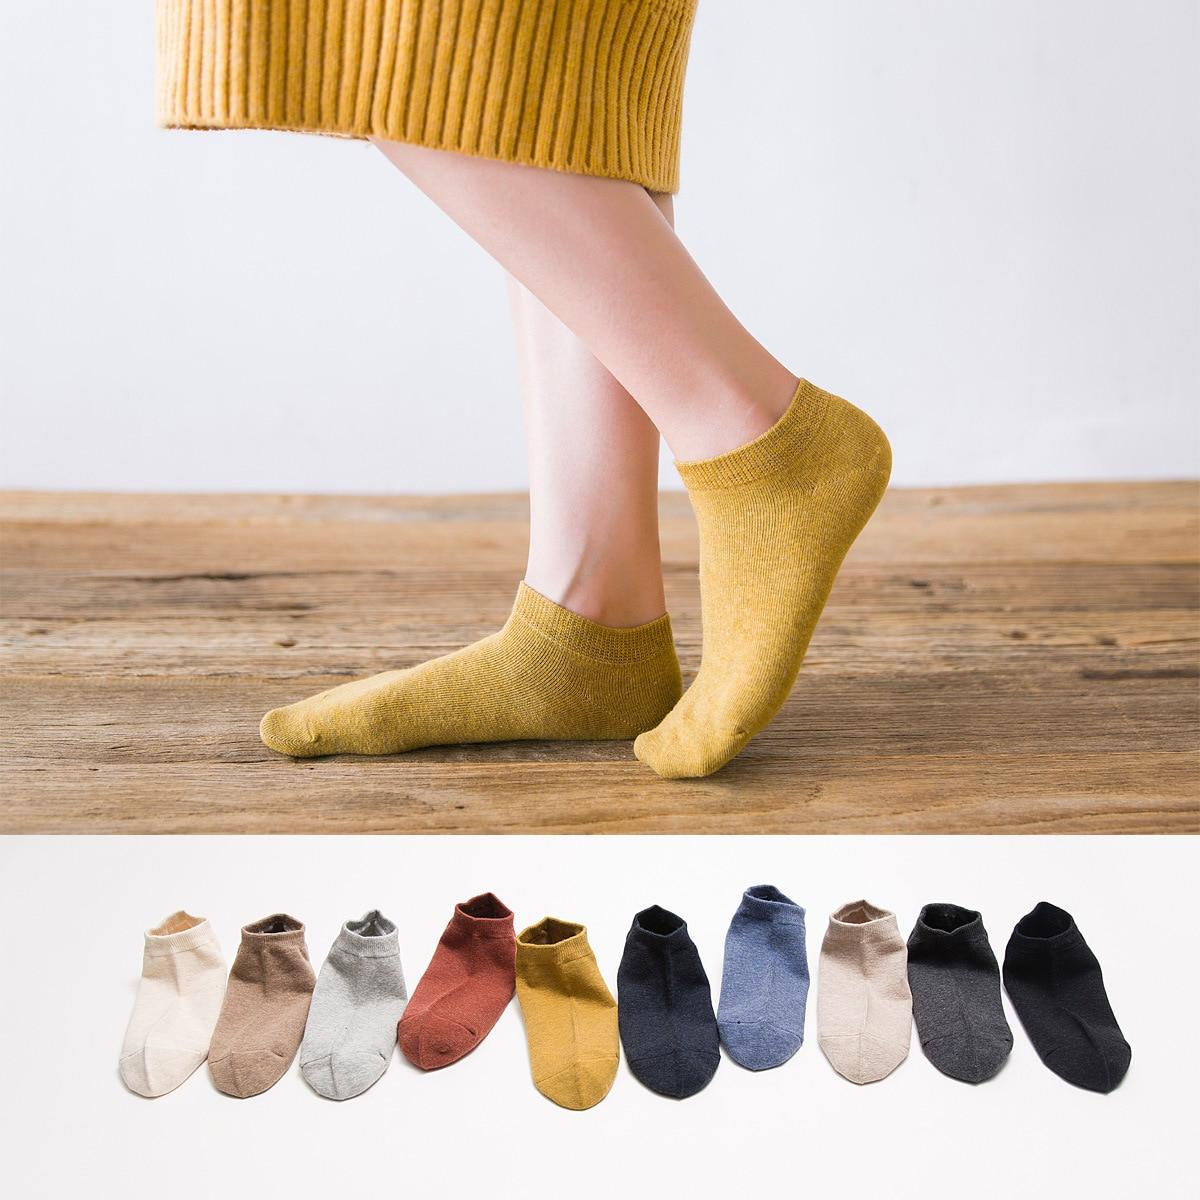 Hart baumwolle baumwolle frauen overalls plain einfarbig socken baumwolle socken großhandel high-end-farbe spinning hersteller